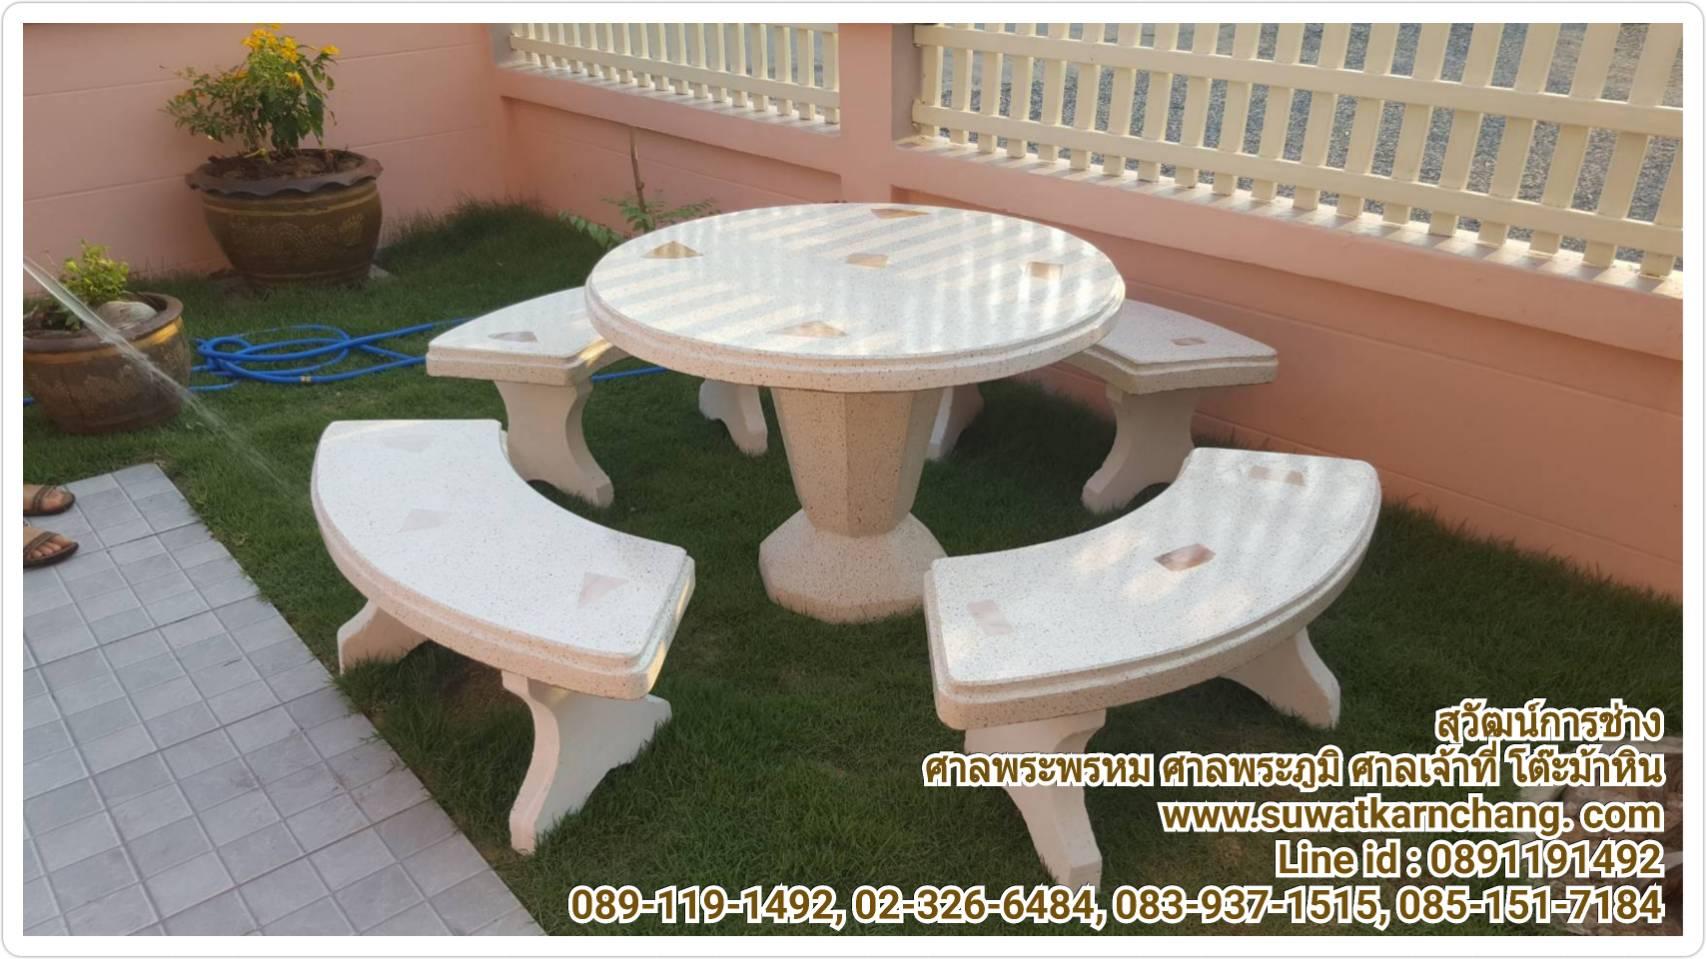 โต๊ะกลมหินขัดแบบมีหินแซม หน้า 100 ซม. ตัวนั่ง 4 ตัว